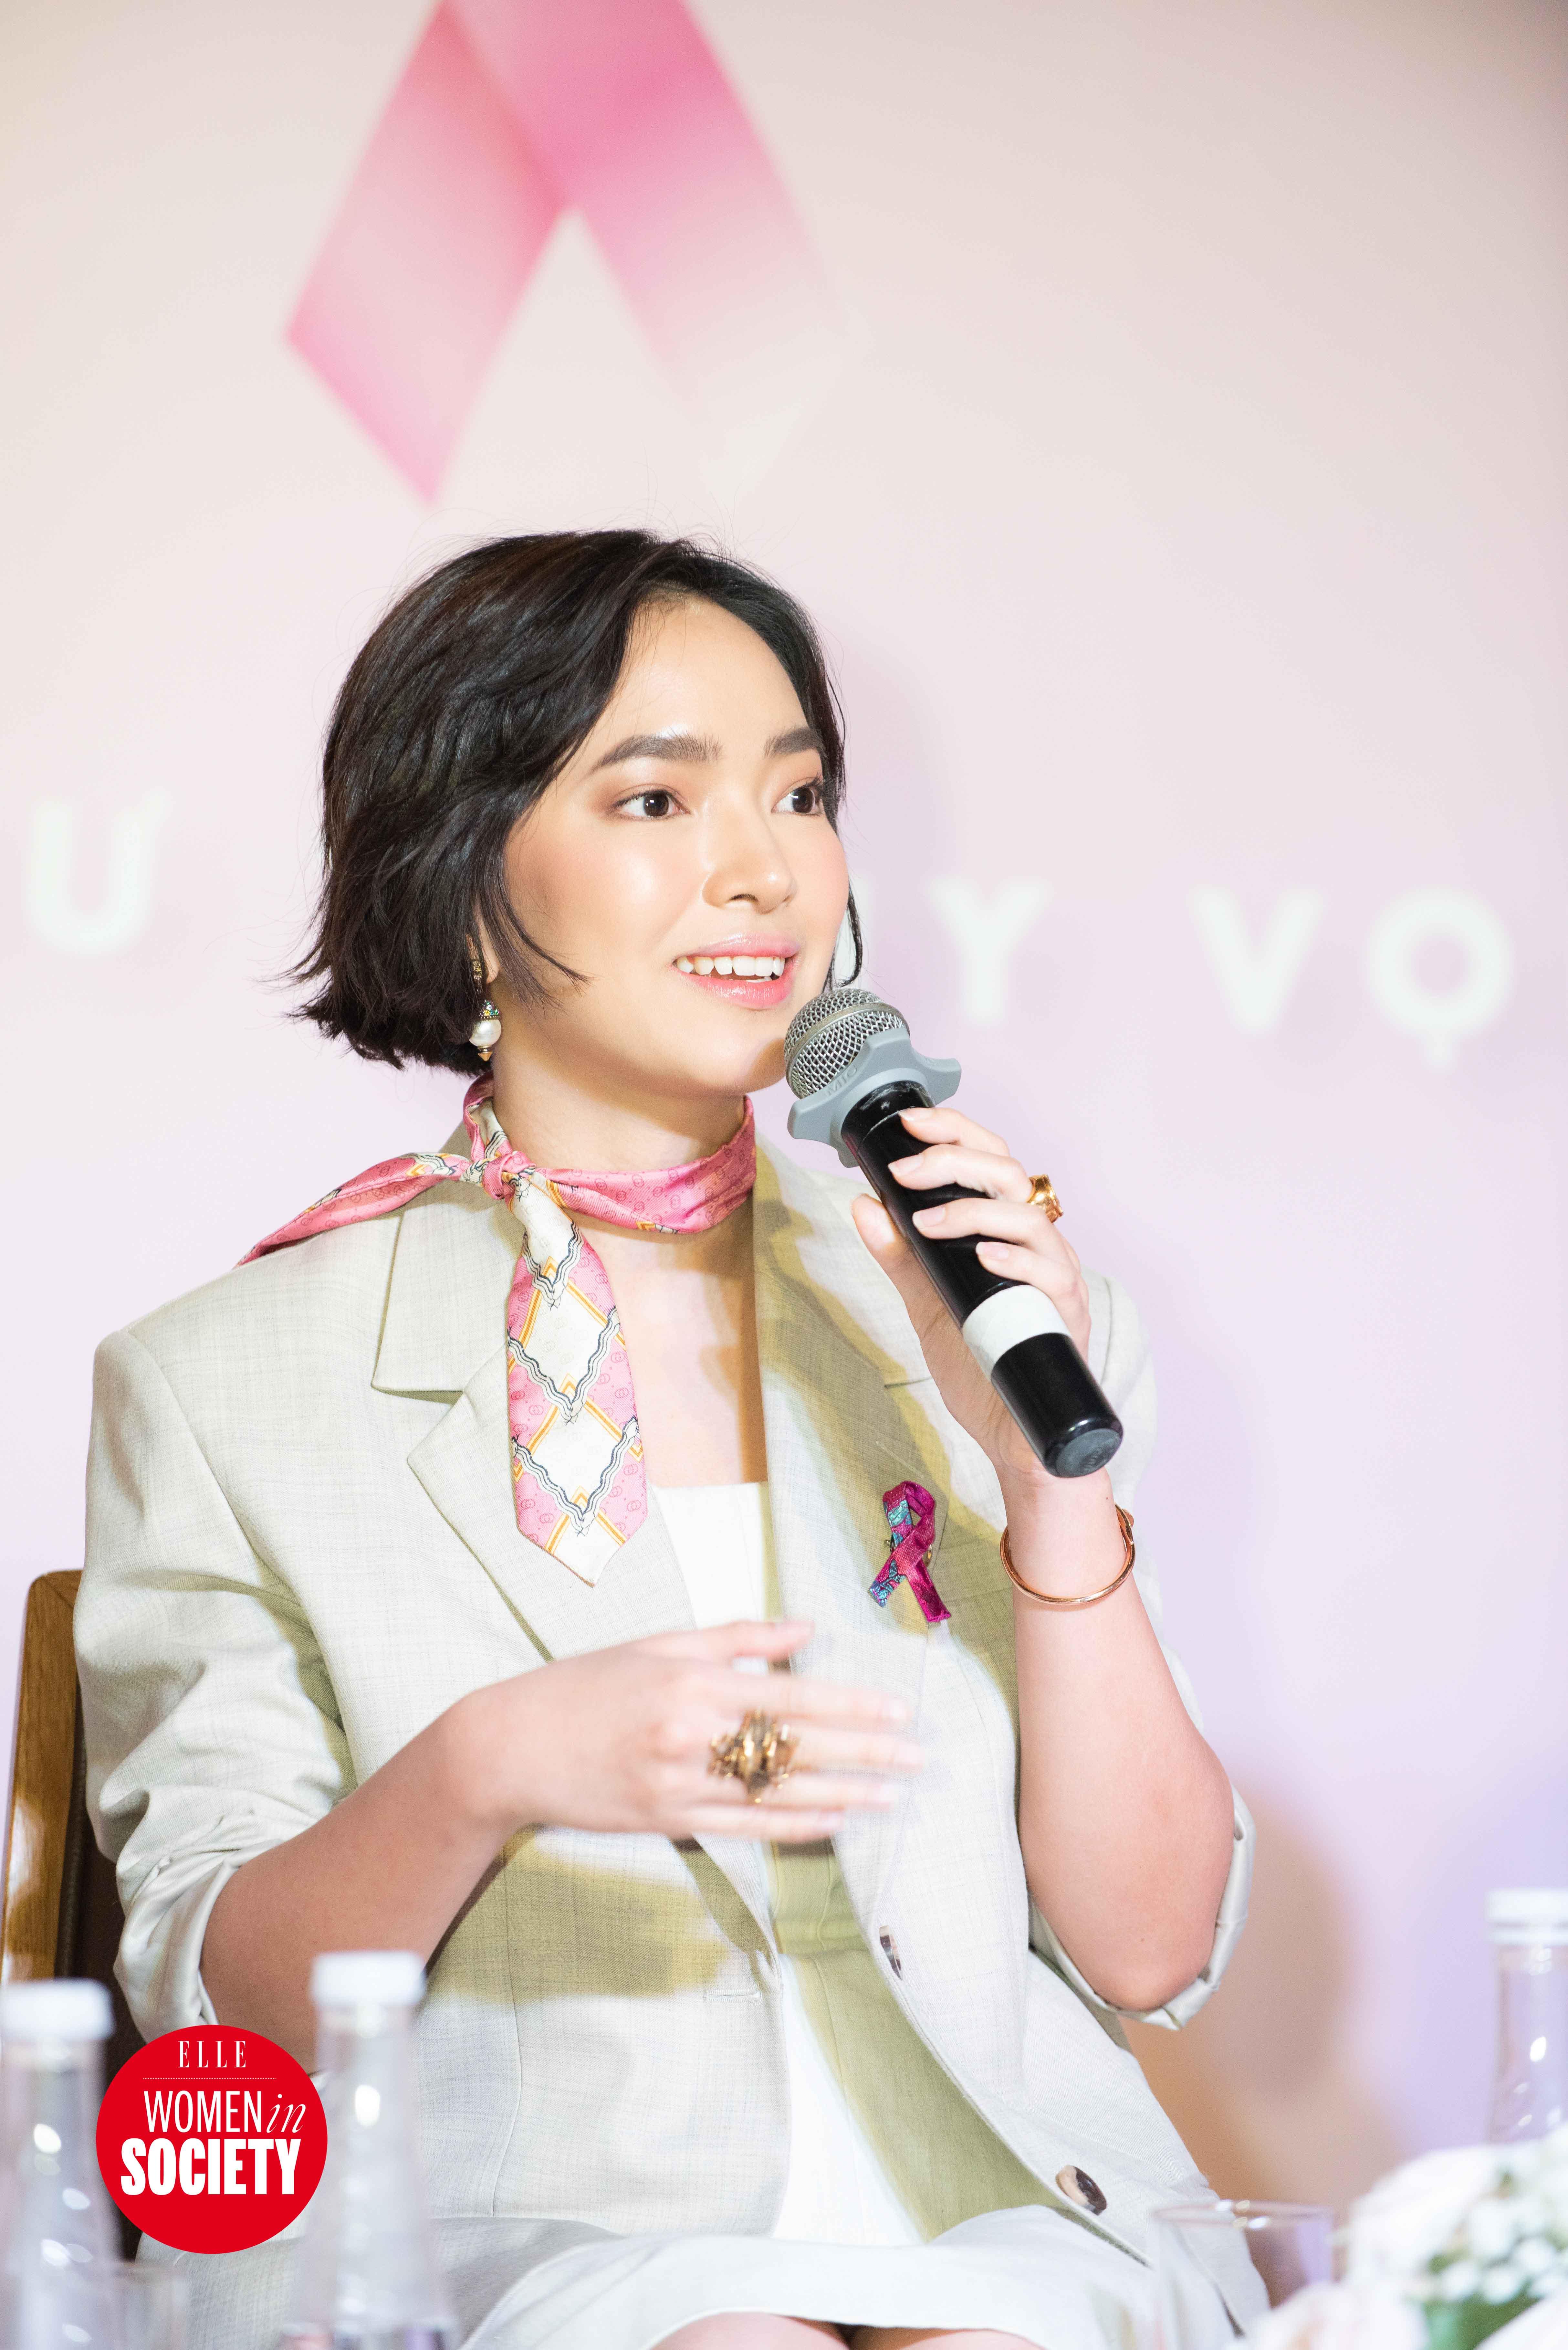 Châu Bùi chia sẻ về cách mặc đẹp trong elle women in society